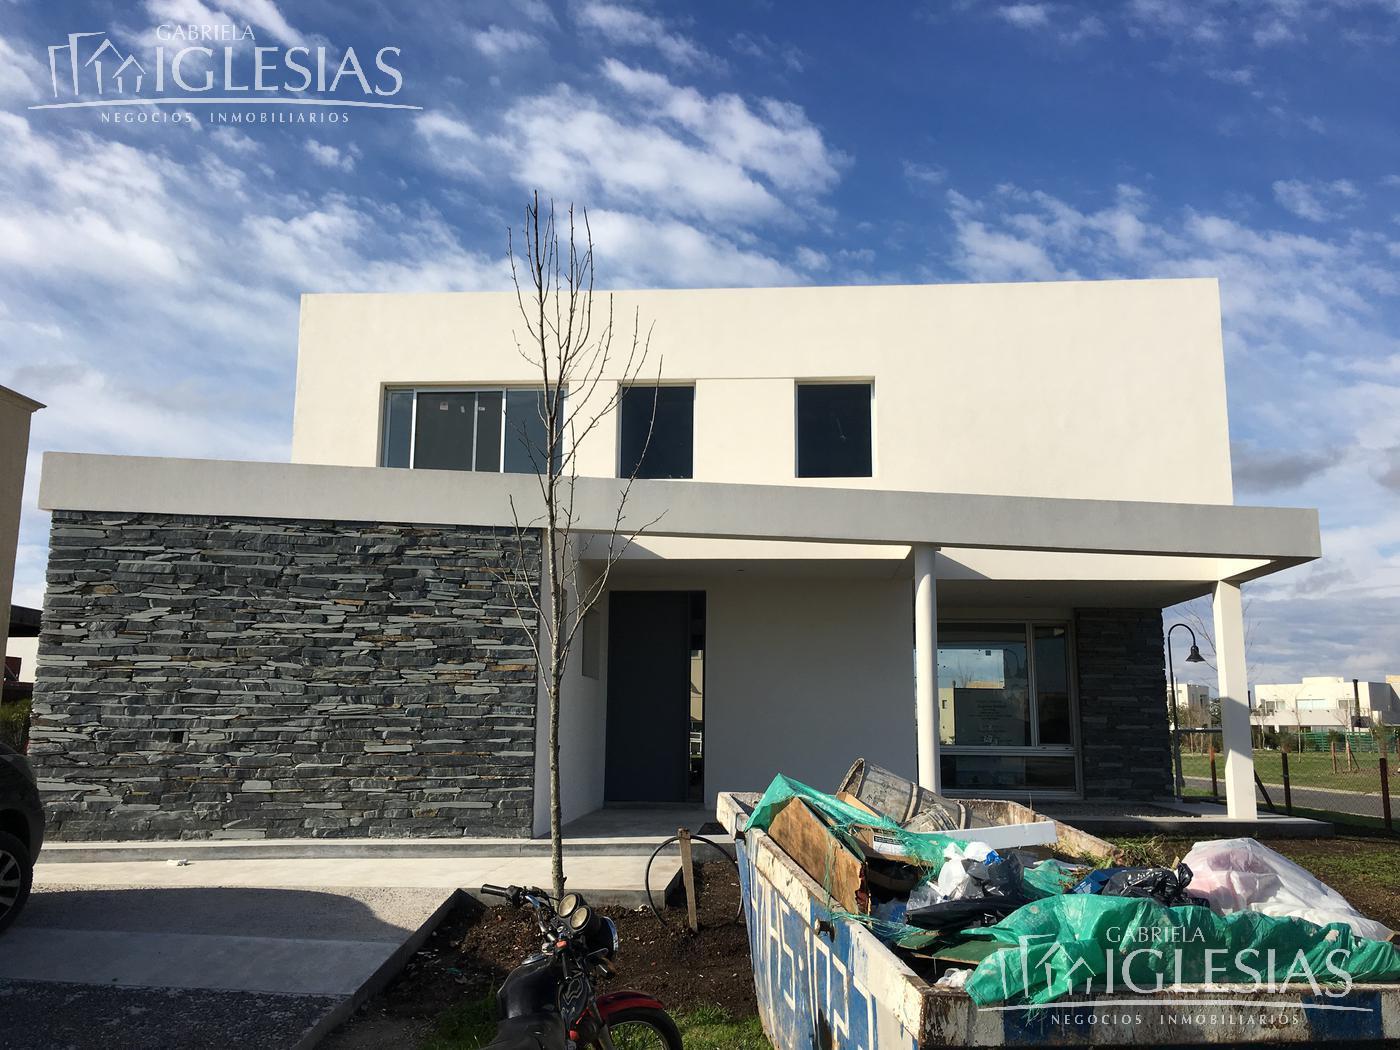 Casa en Venta en Los Lagos a Venta - u$s 440.000